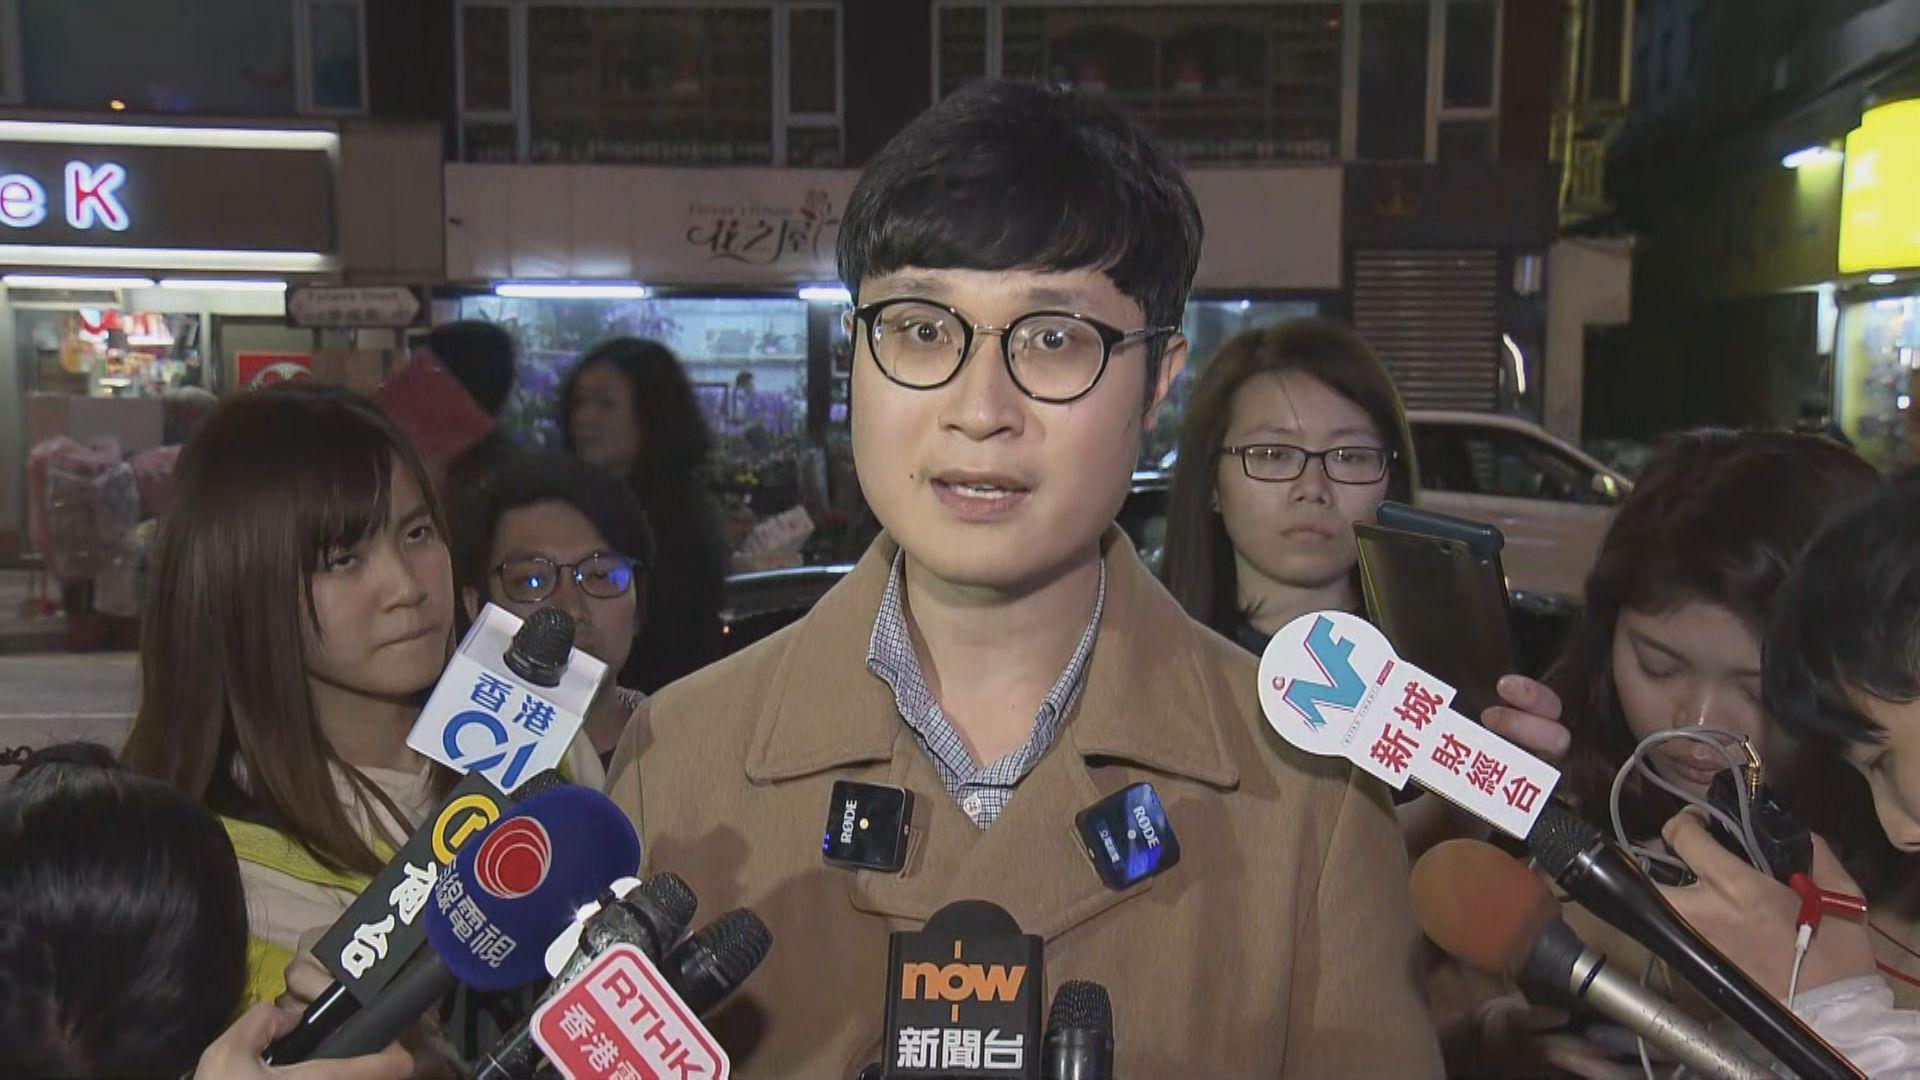 劉頴匡涉煽動群眾情緒及違反不反對通知書被捕